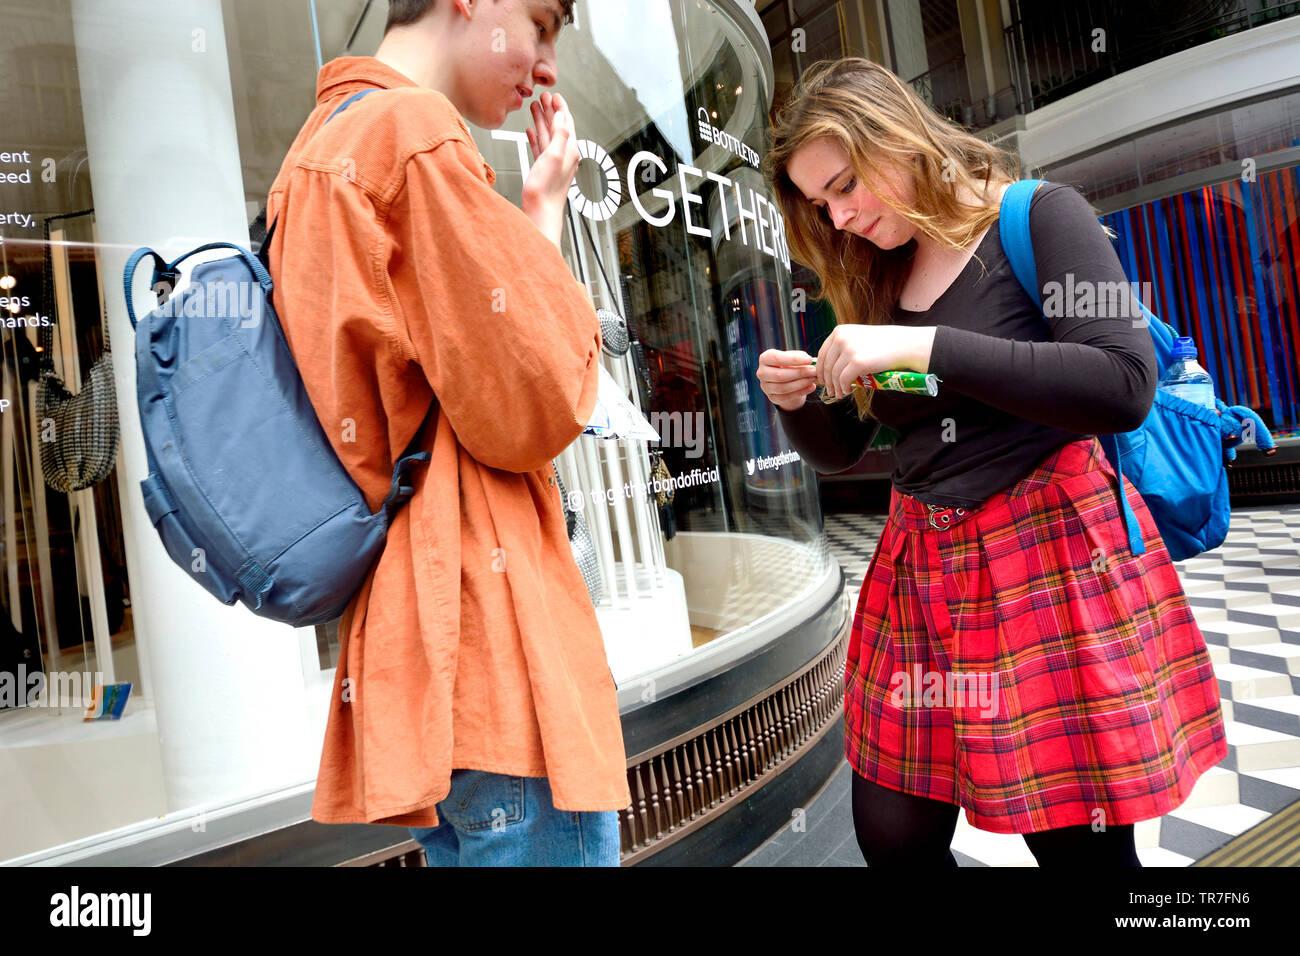 London, England, UK. Junges Paar zusammen in London Stockbild